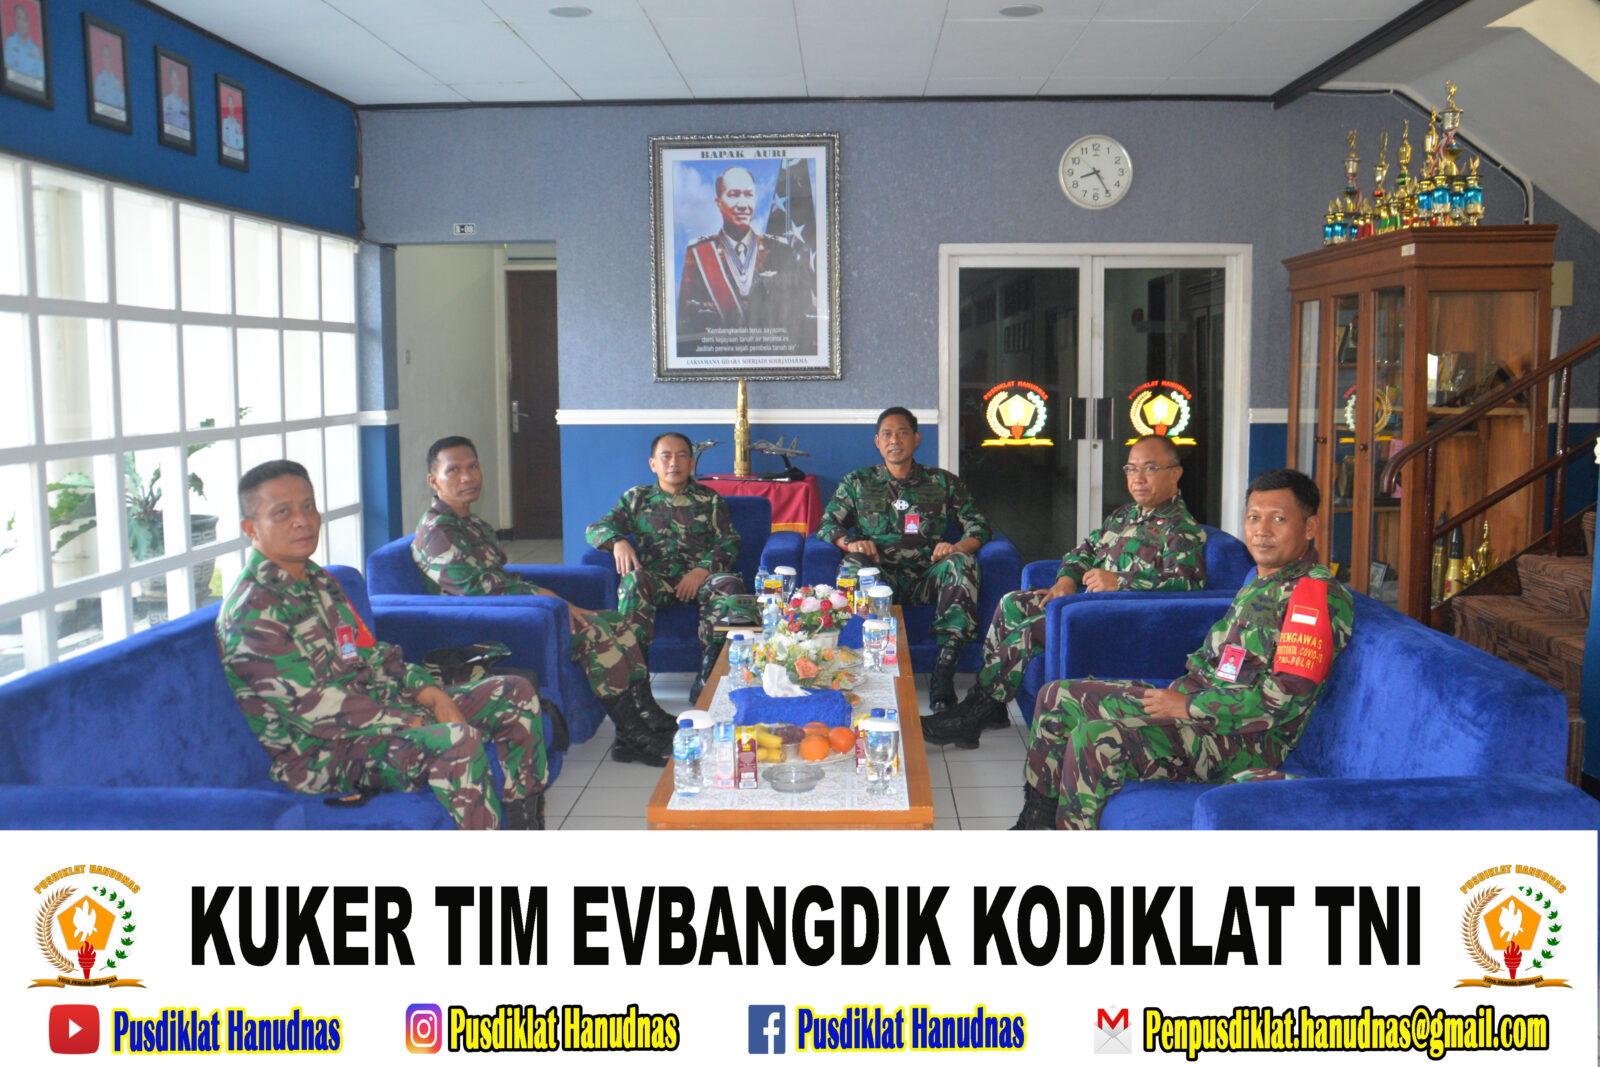 KUKER TIM EVBANGDIK KODIKLAT TNI DI PUSDIKLAT HANUDNAS SURABAYA